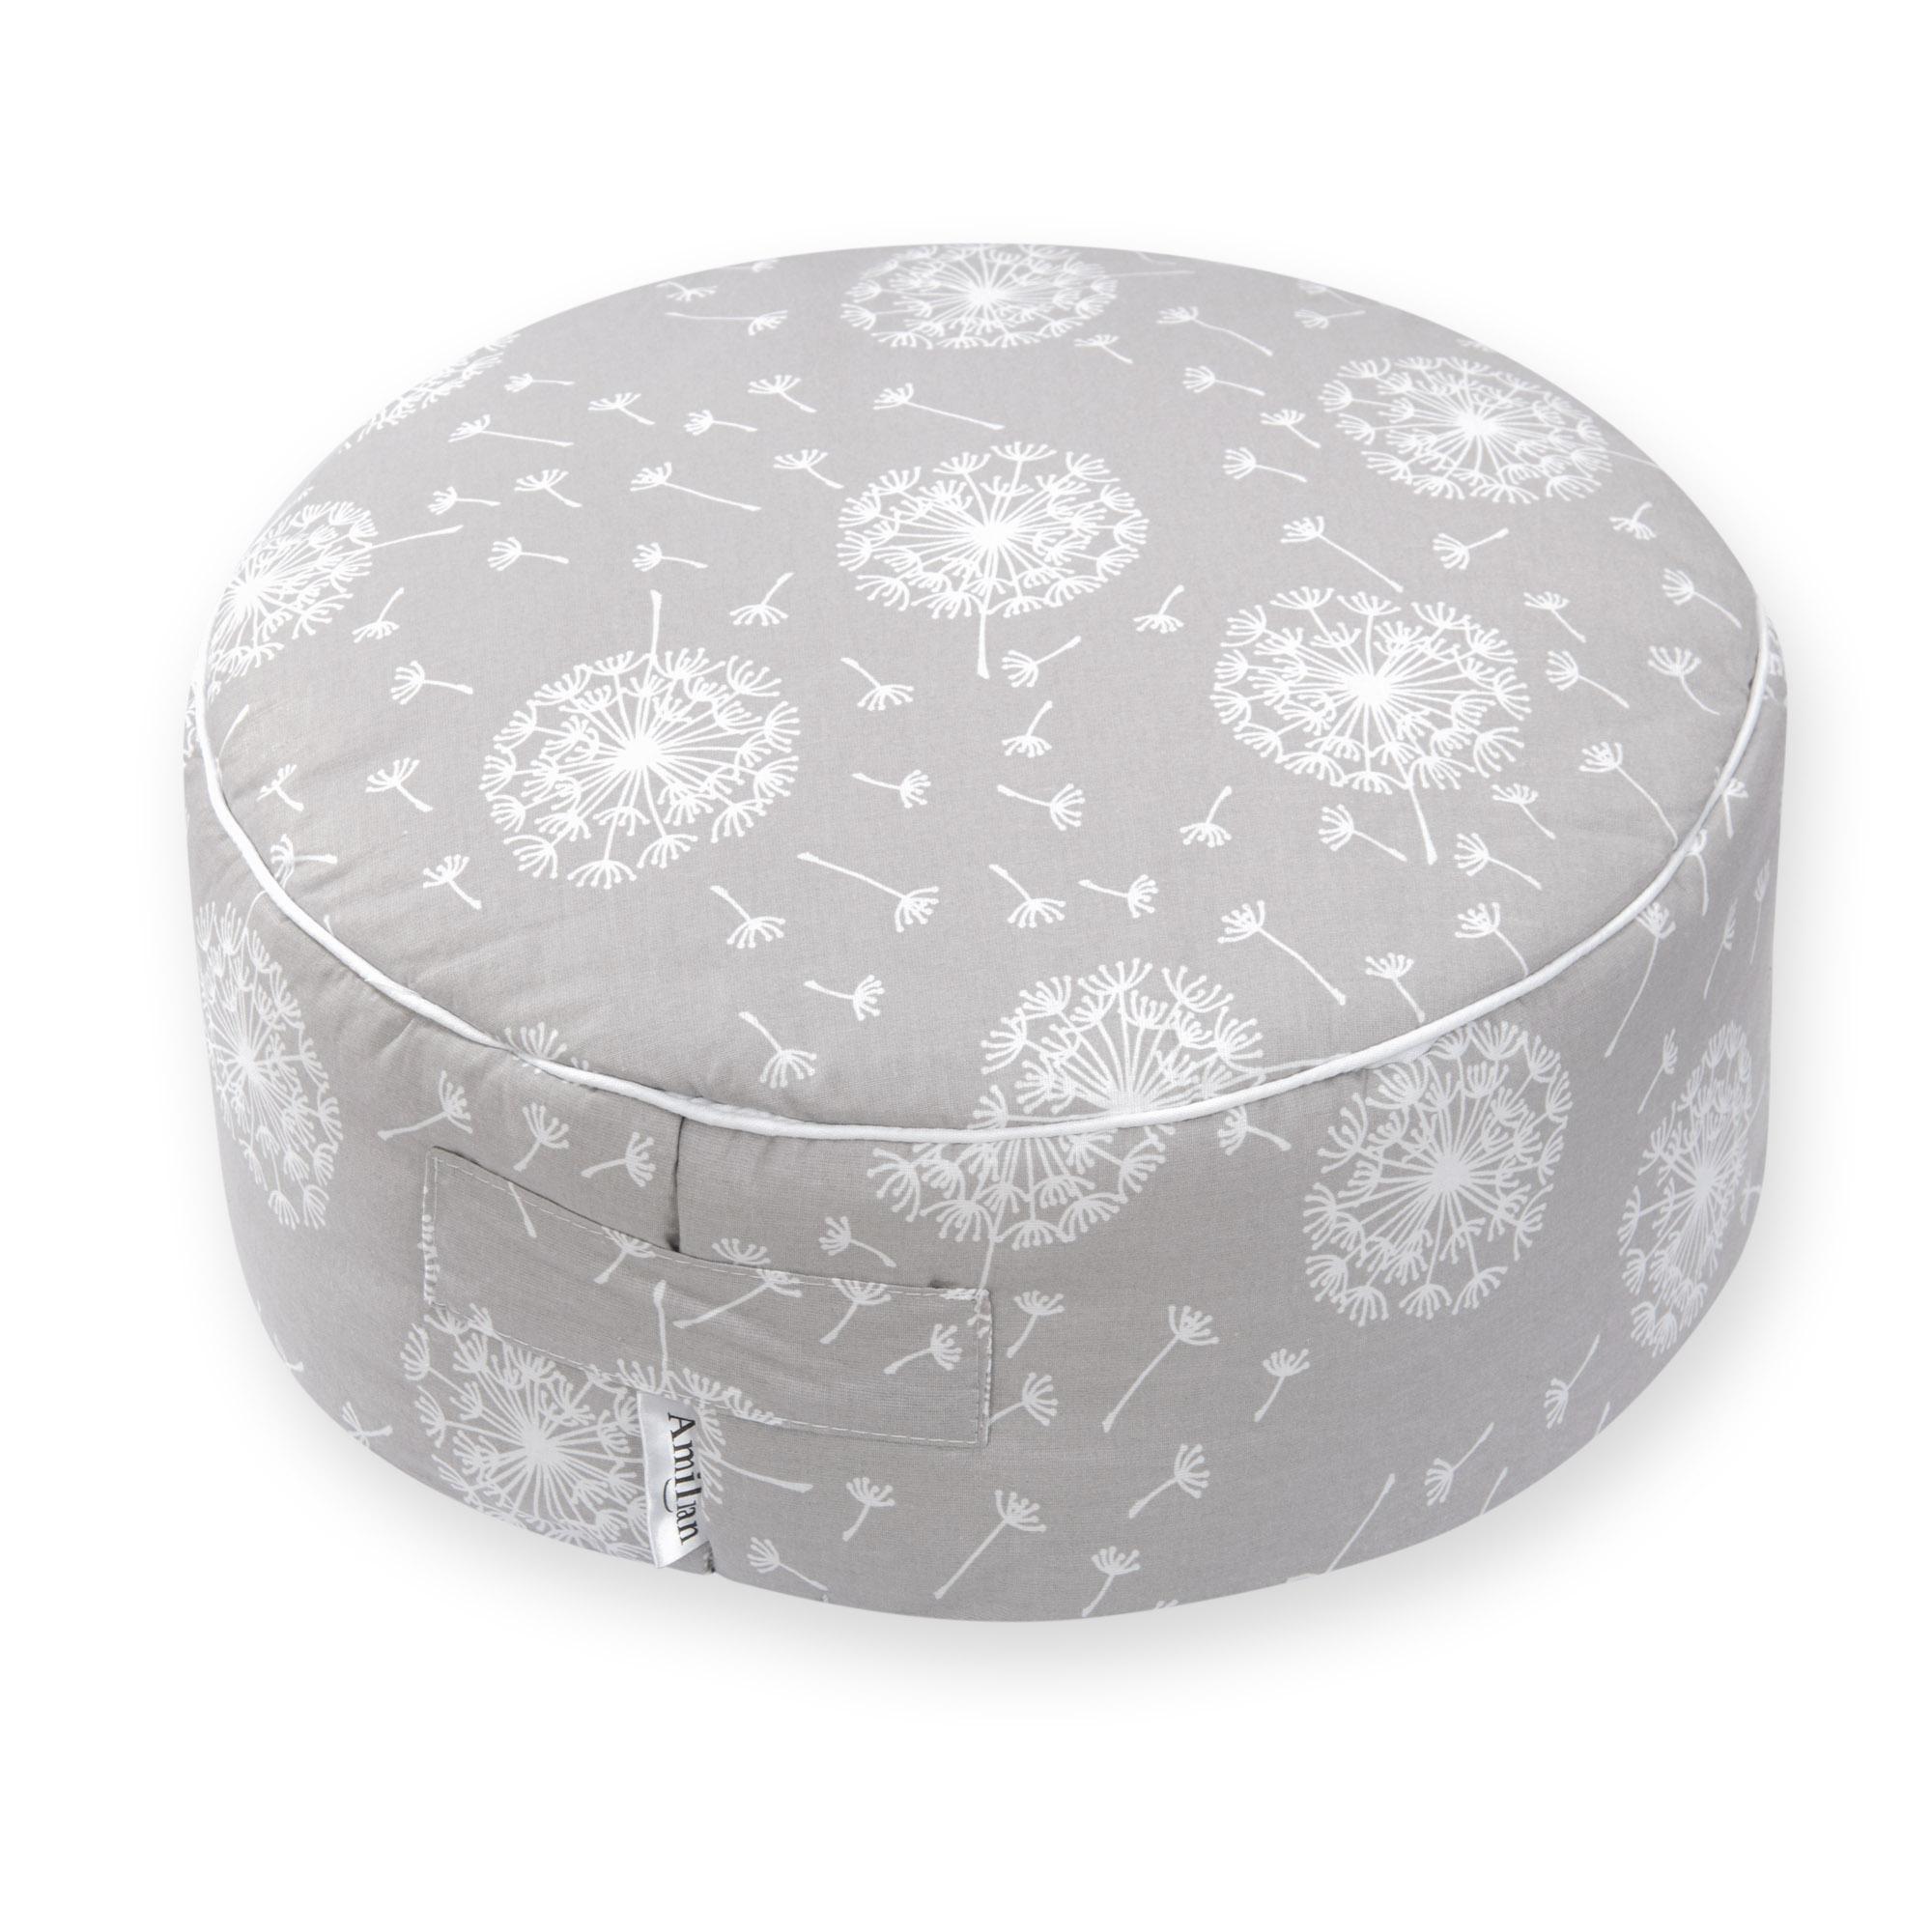 Sitzkissen Sitzpuff ca. Ø 40 cm 16 cm hoch für Kinder weiche Füllung Pusteblume Grau